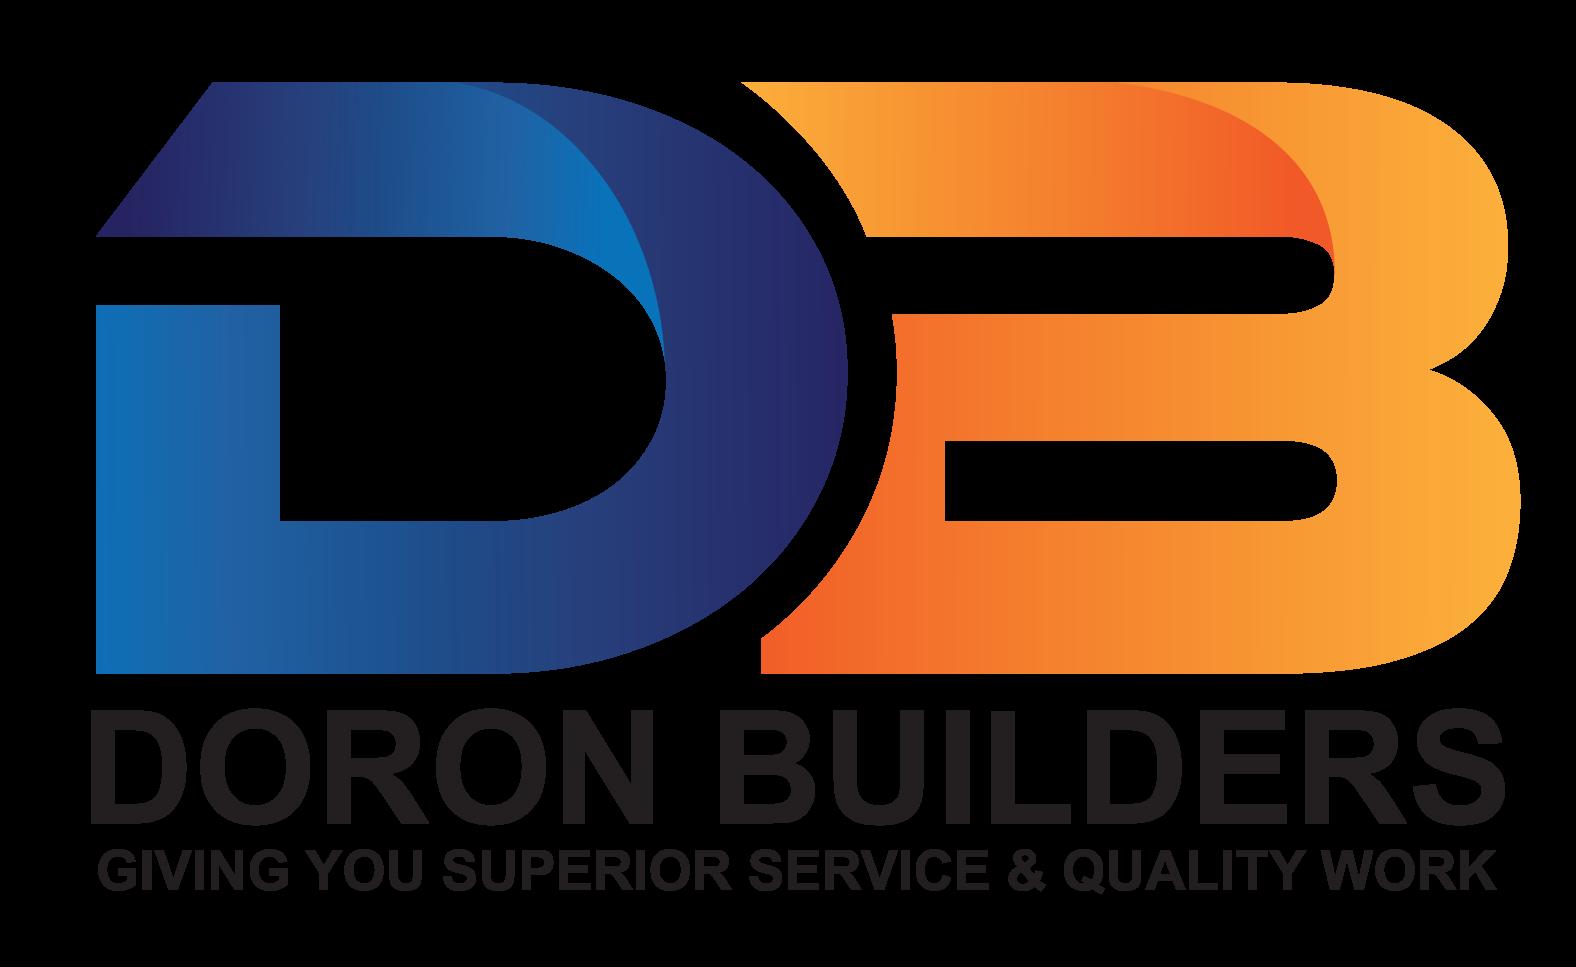 Doron Builders